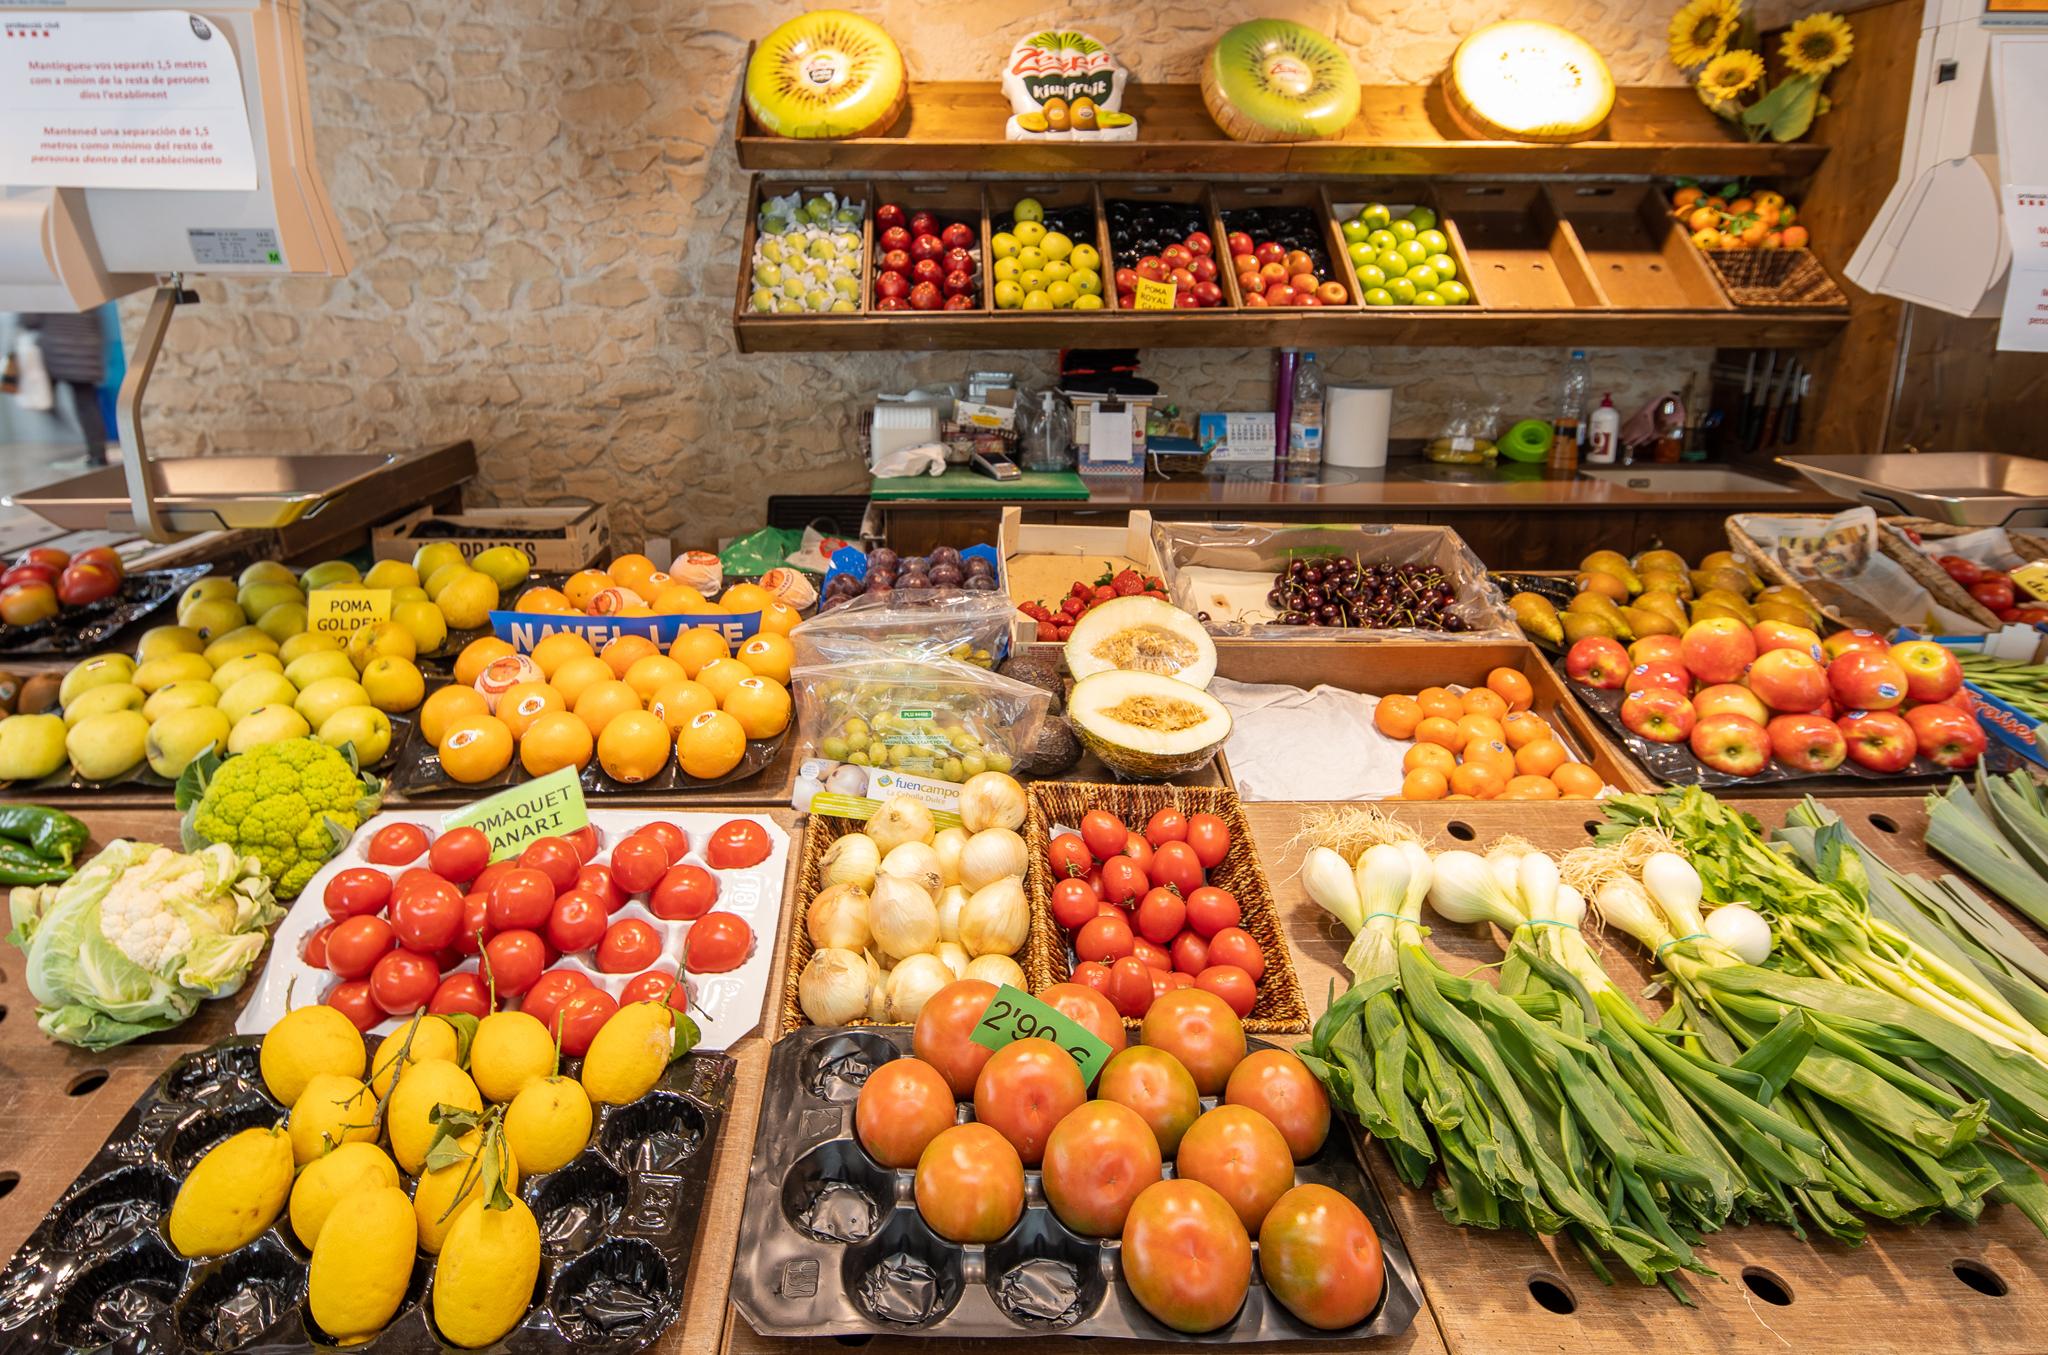 Fruites i Verdures Carme